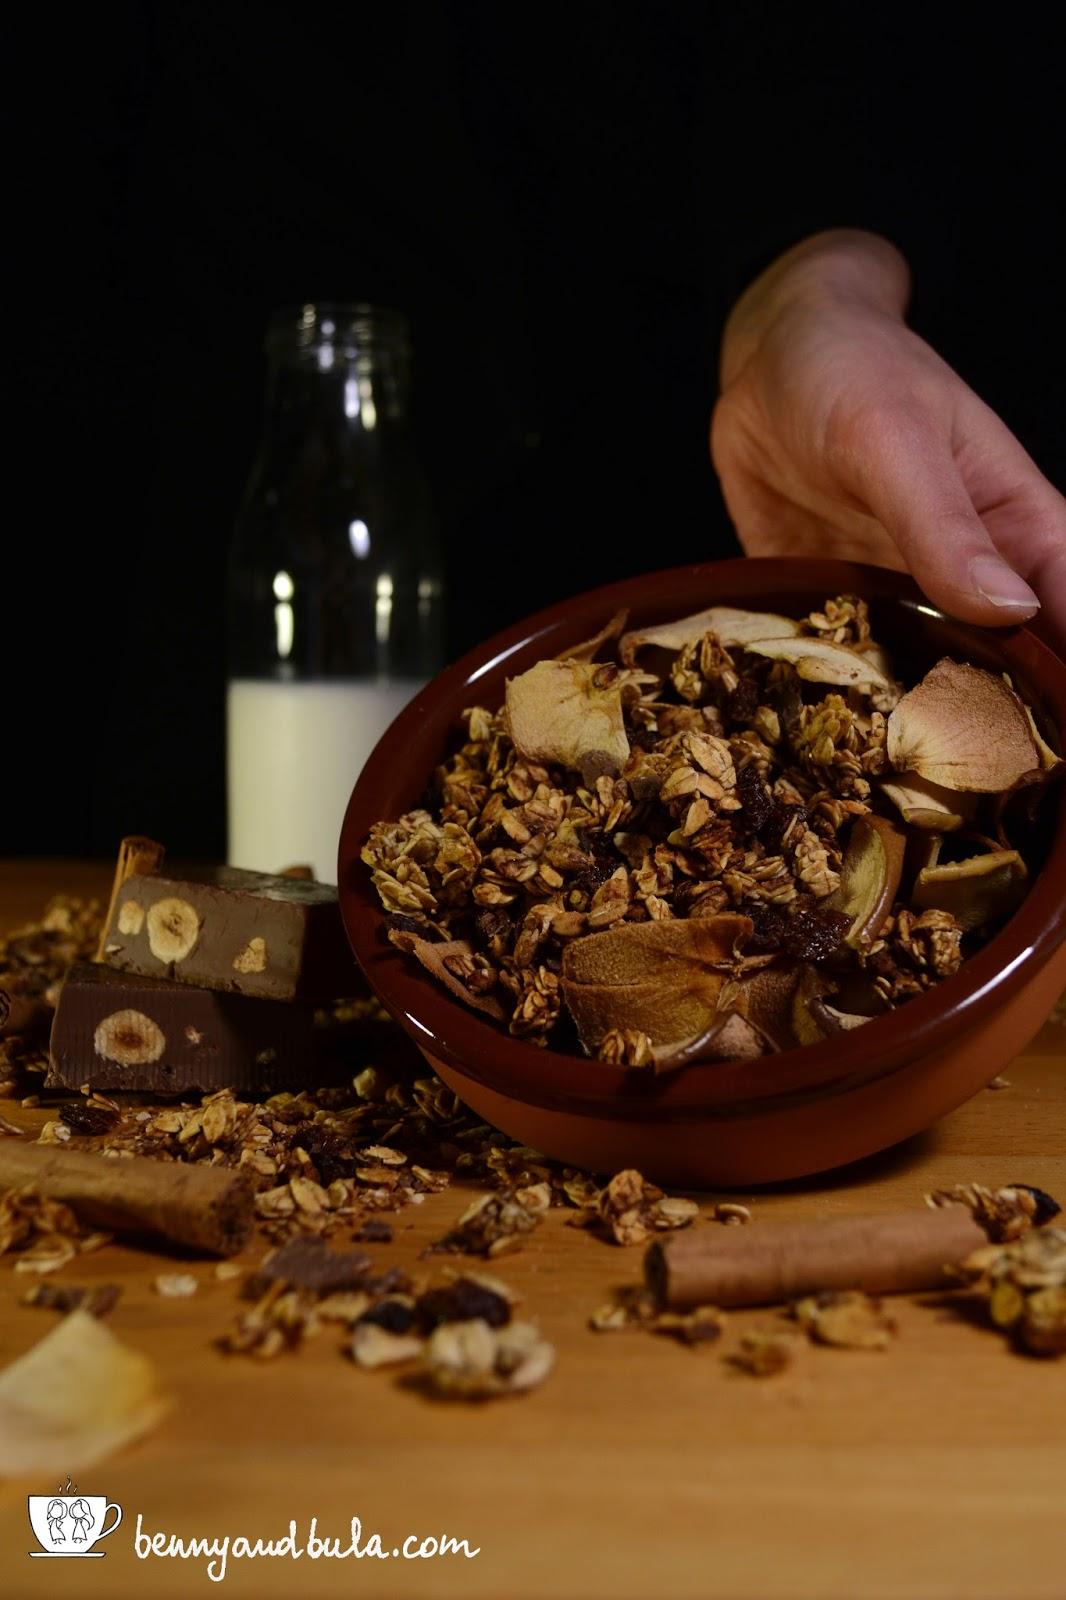 ricetta granola light senza grassi e zuccheri con mele arancia cannella torrone uvetta/homemade granola fat and sugar free with apple orange cinnamon chocolate hezelnuts